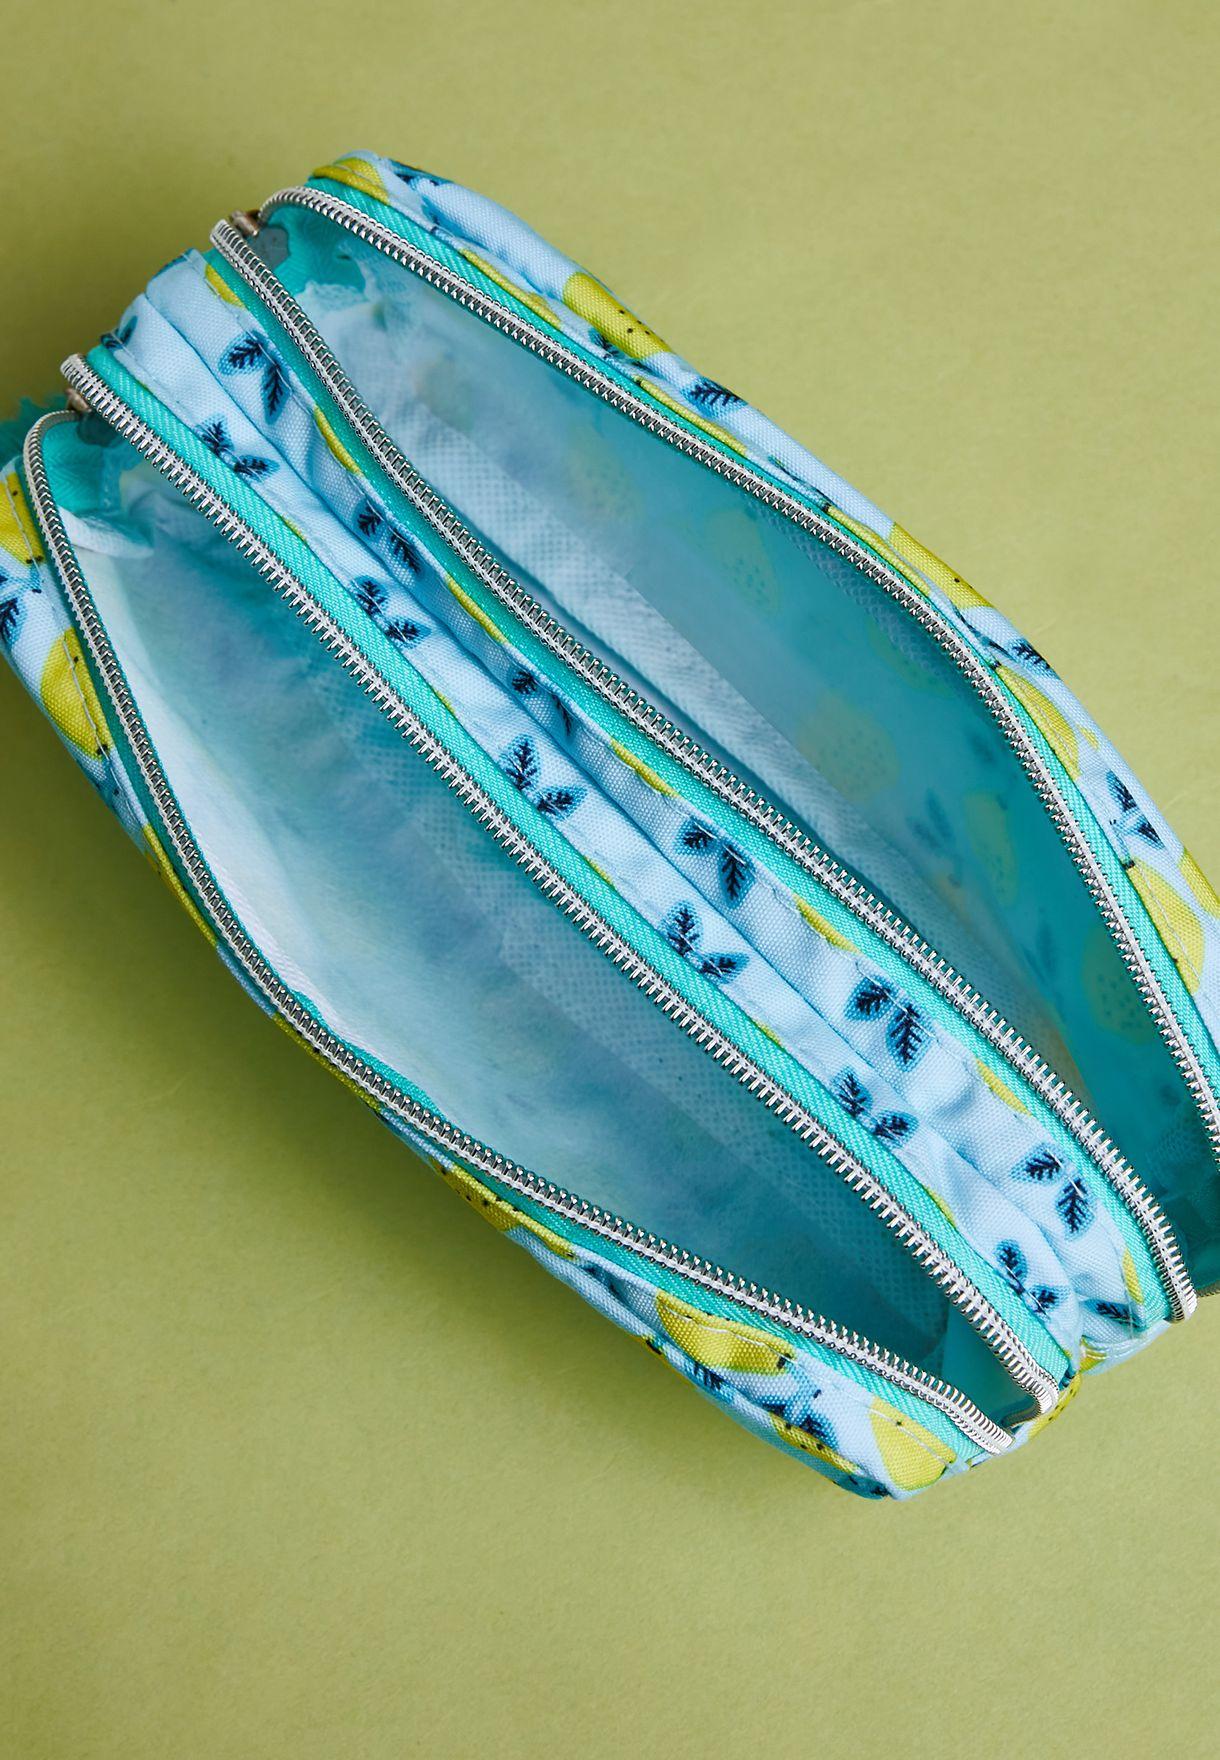 Double Zip Lemon Print Pencil Case